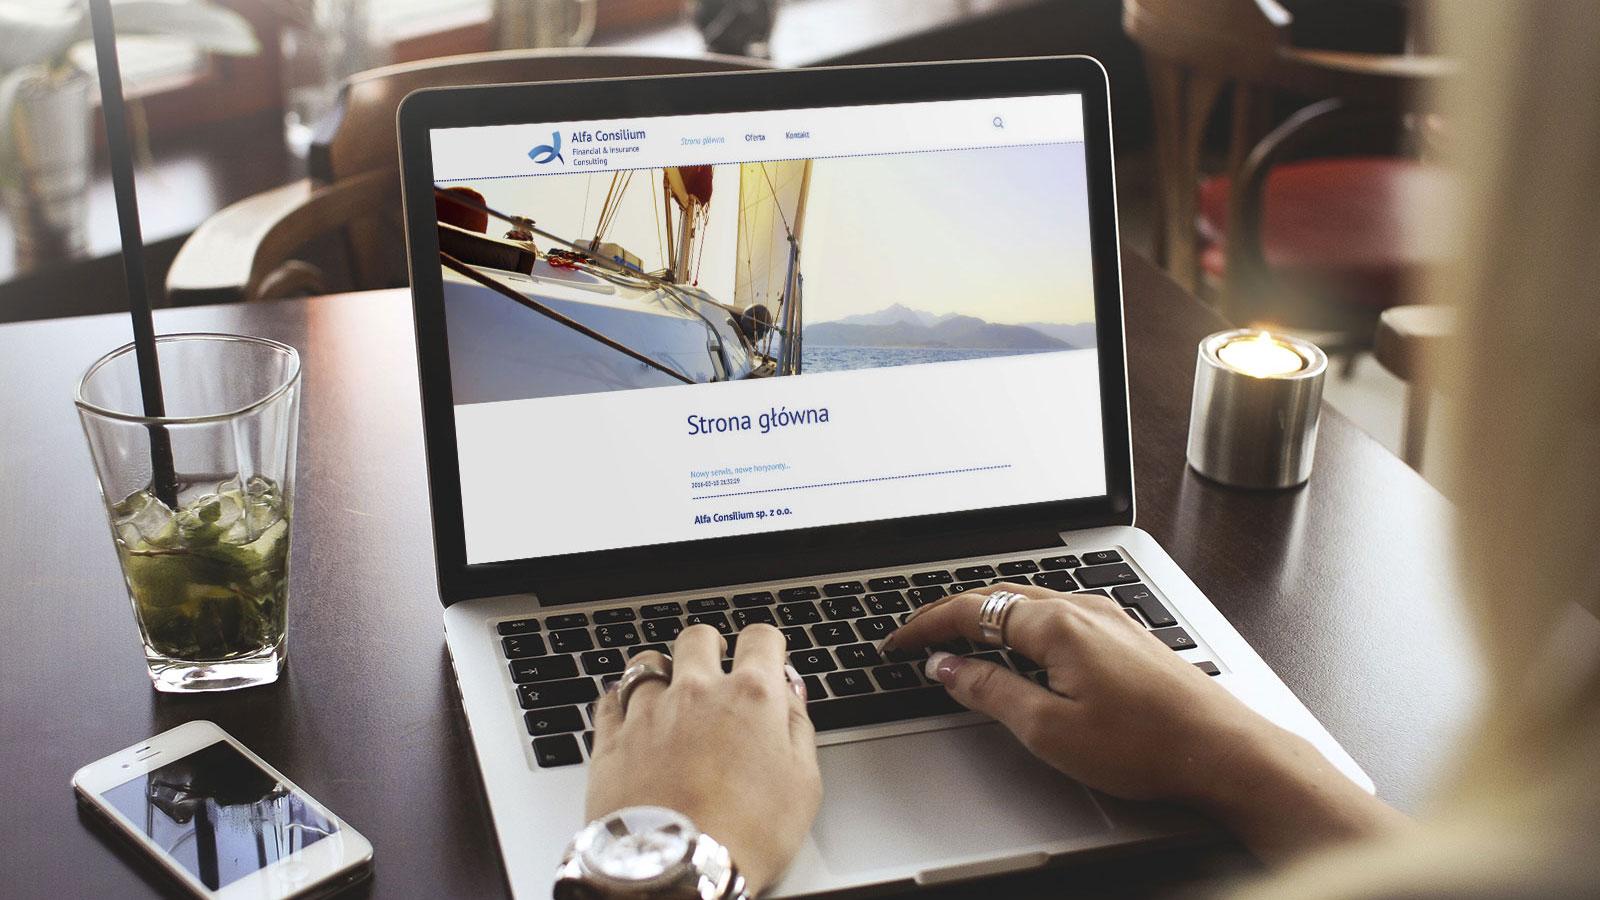 Alfa Consilium: Financial & Insurance Consulting